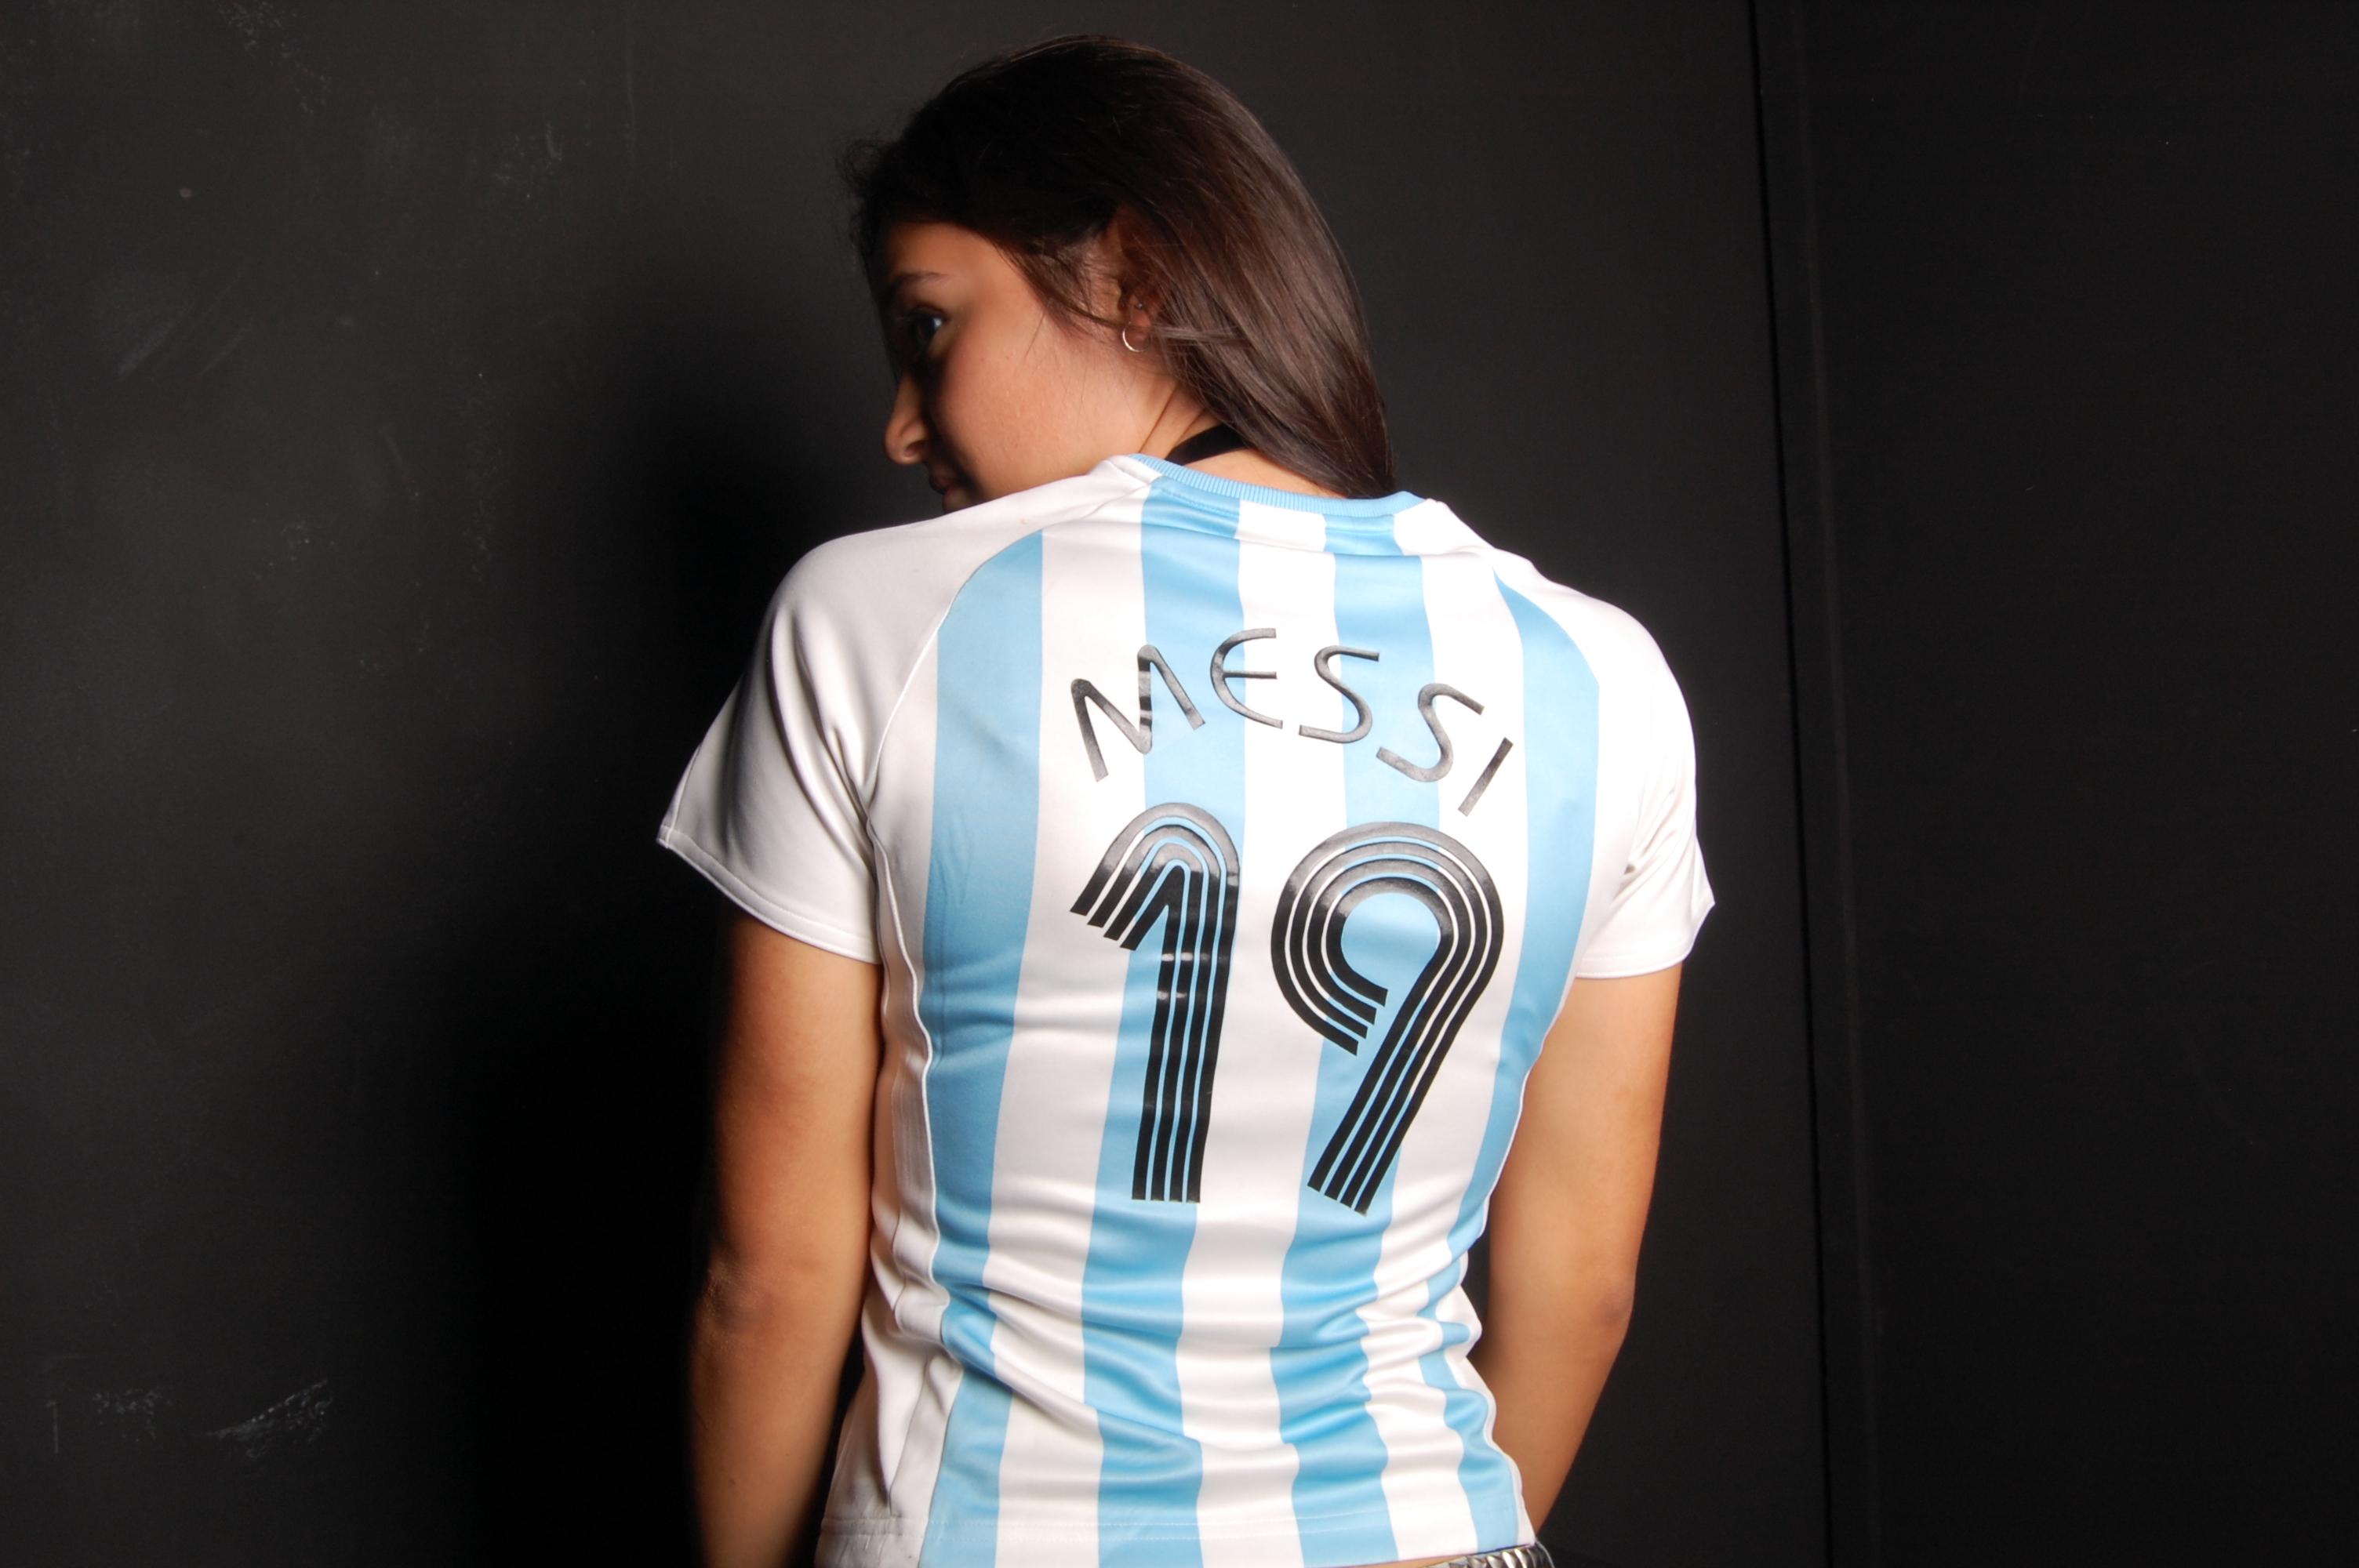 Hincha de Messi - 3008x2000